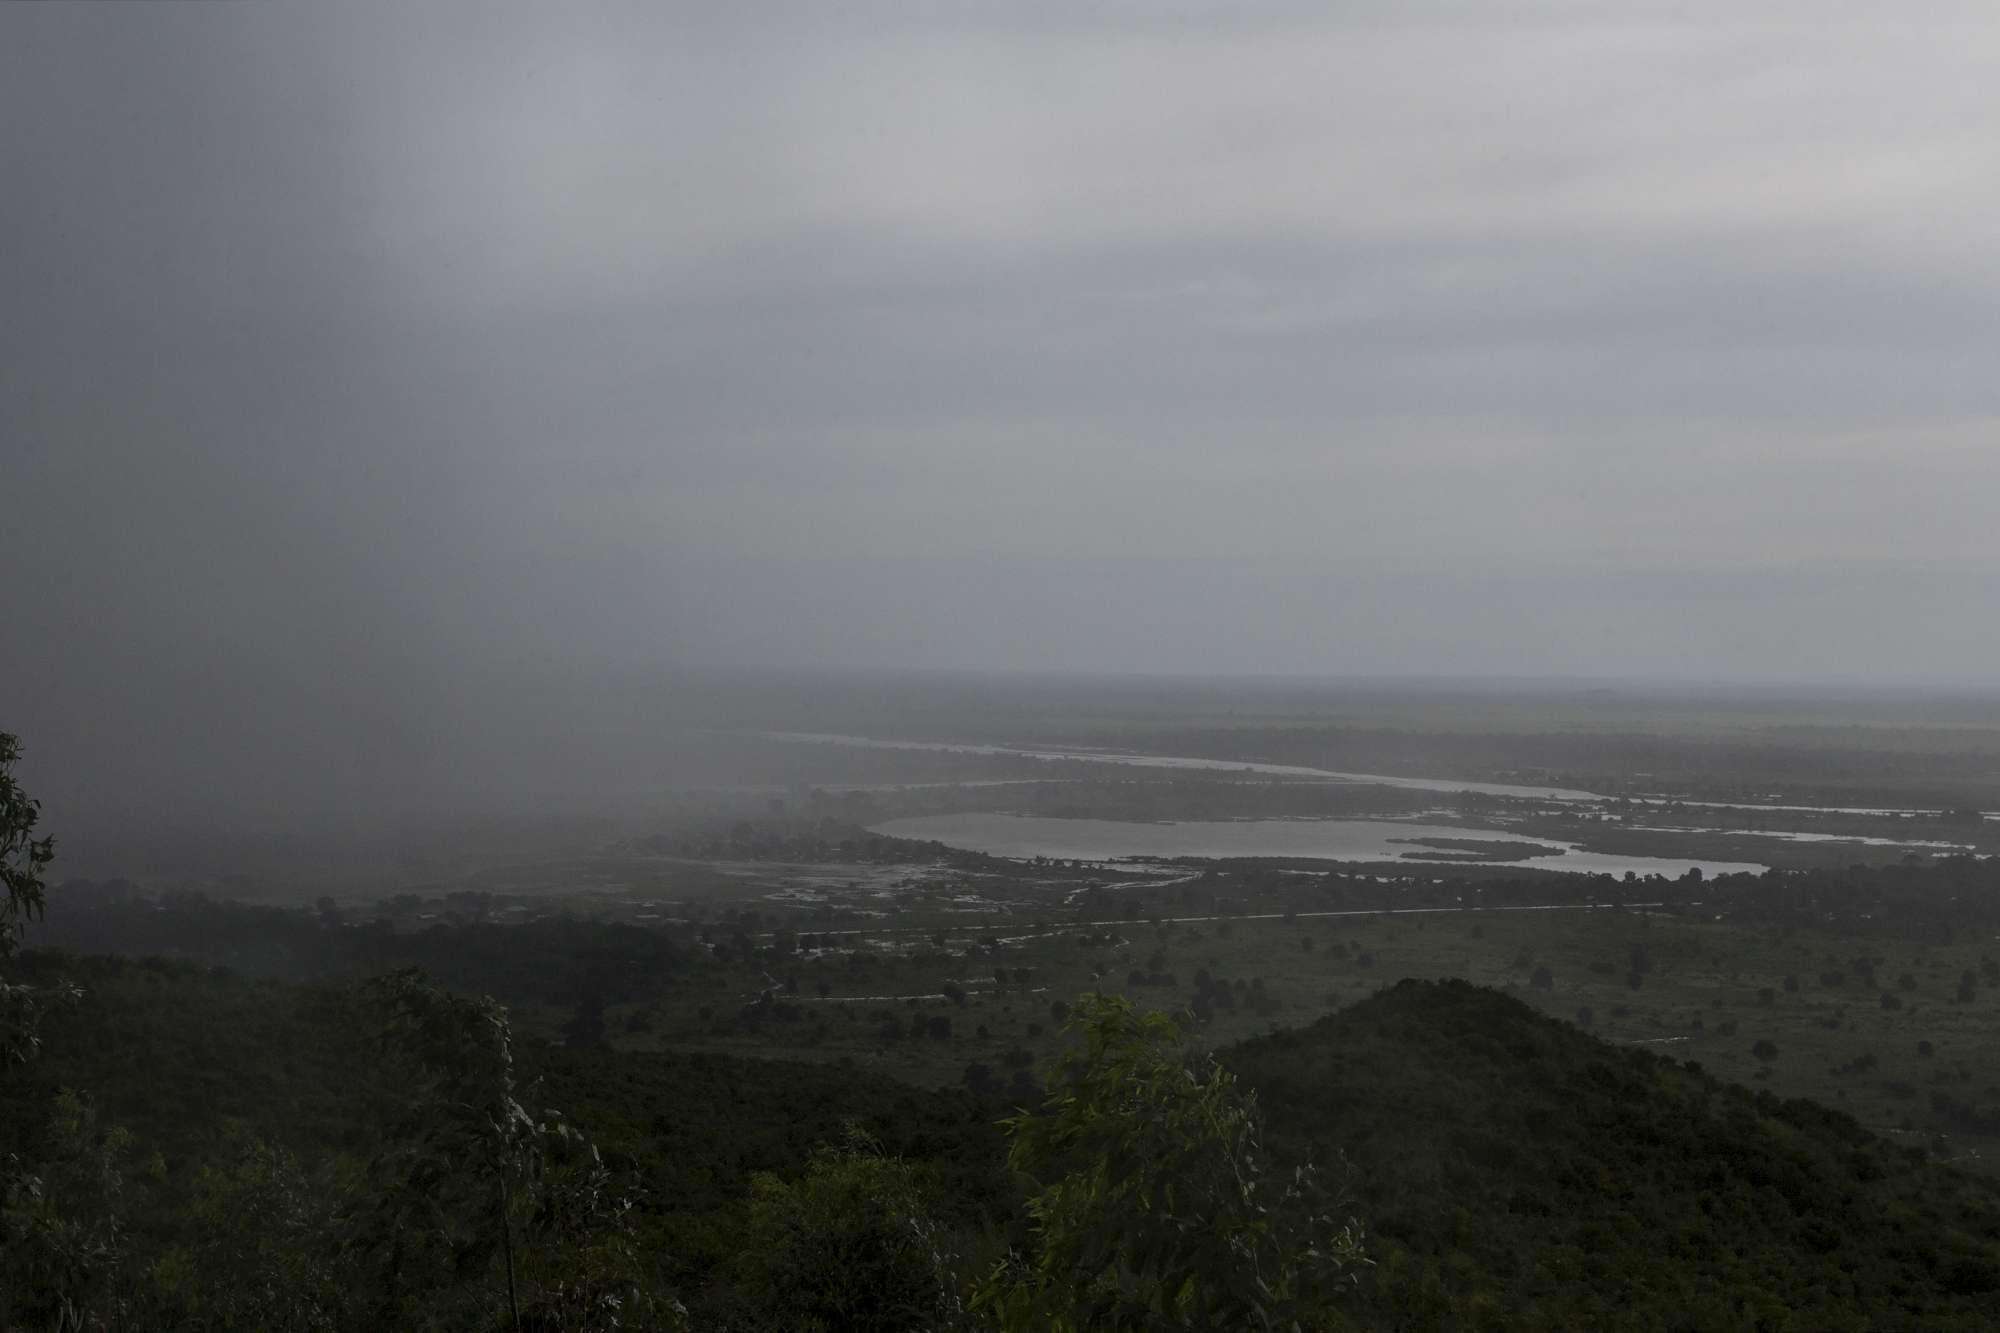 Il ciclone Idai si abbatte su Mozambico, Zimbabwe e Malawi: decine di vittime